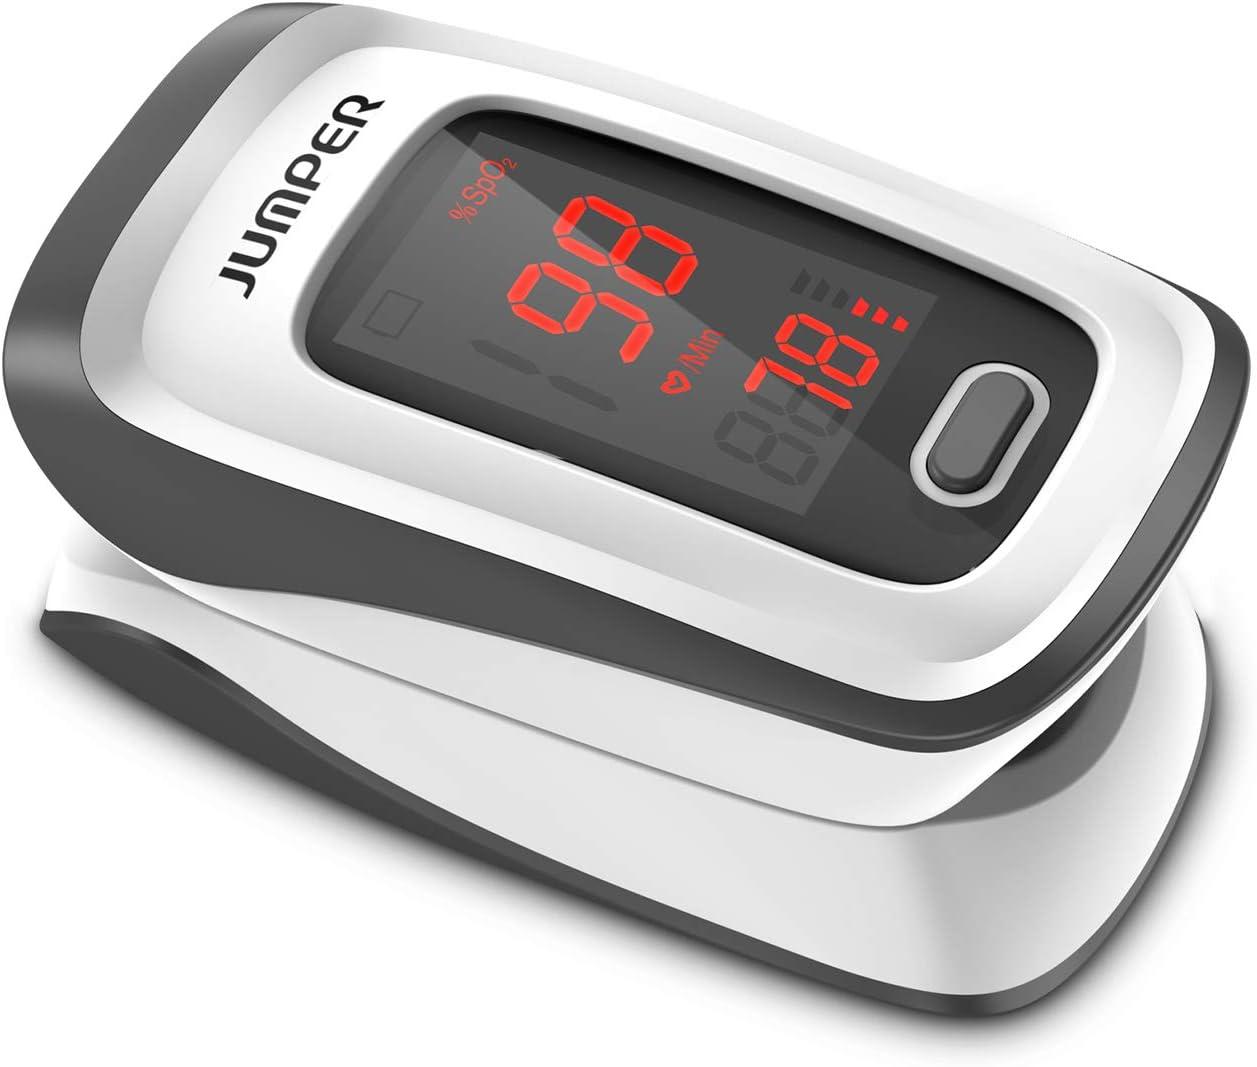 JUMPER Oxímetro de Pulso con Pantalla Grande Para Medir SpO2, índice de Perfusión y Frecuencia de Pulso en el Dedo, con Estuche, Baterías y Cordón (Gris)